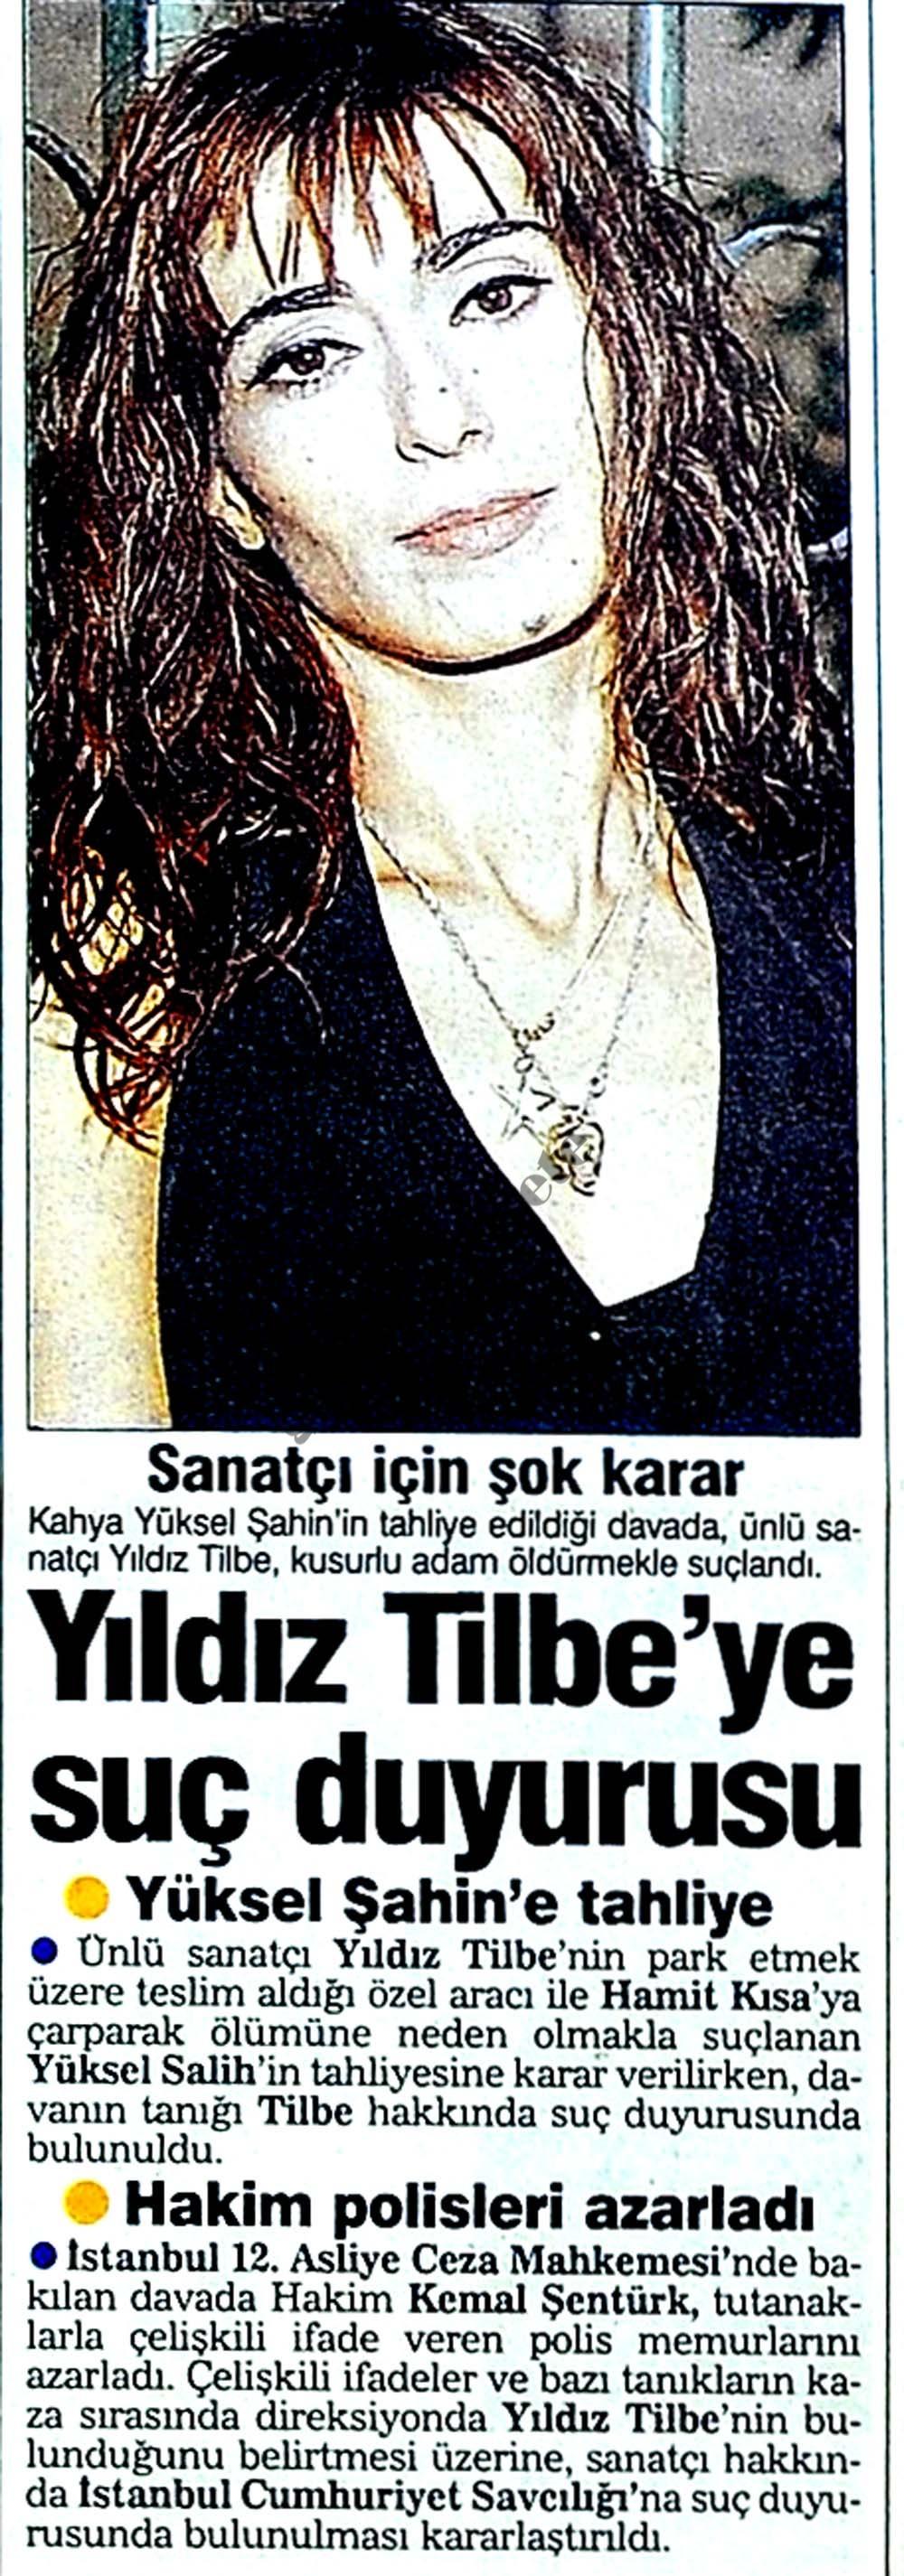 Yıldız Tilbe'ye suç duyurusu